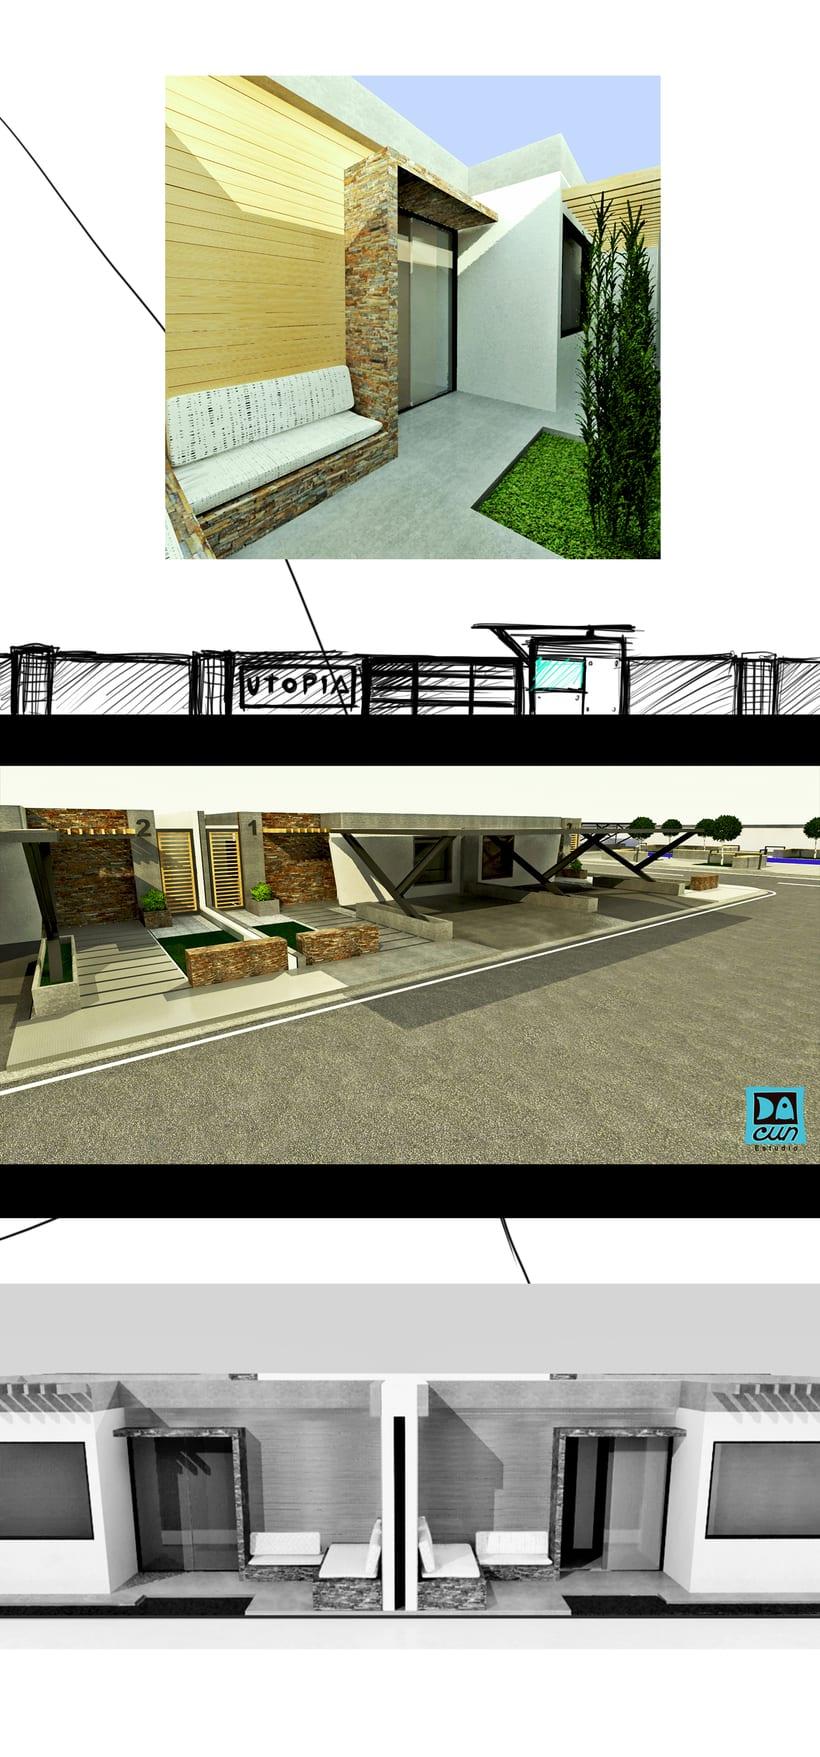 Proyecto de Urbanización Industrial  8